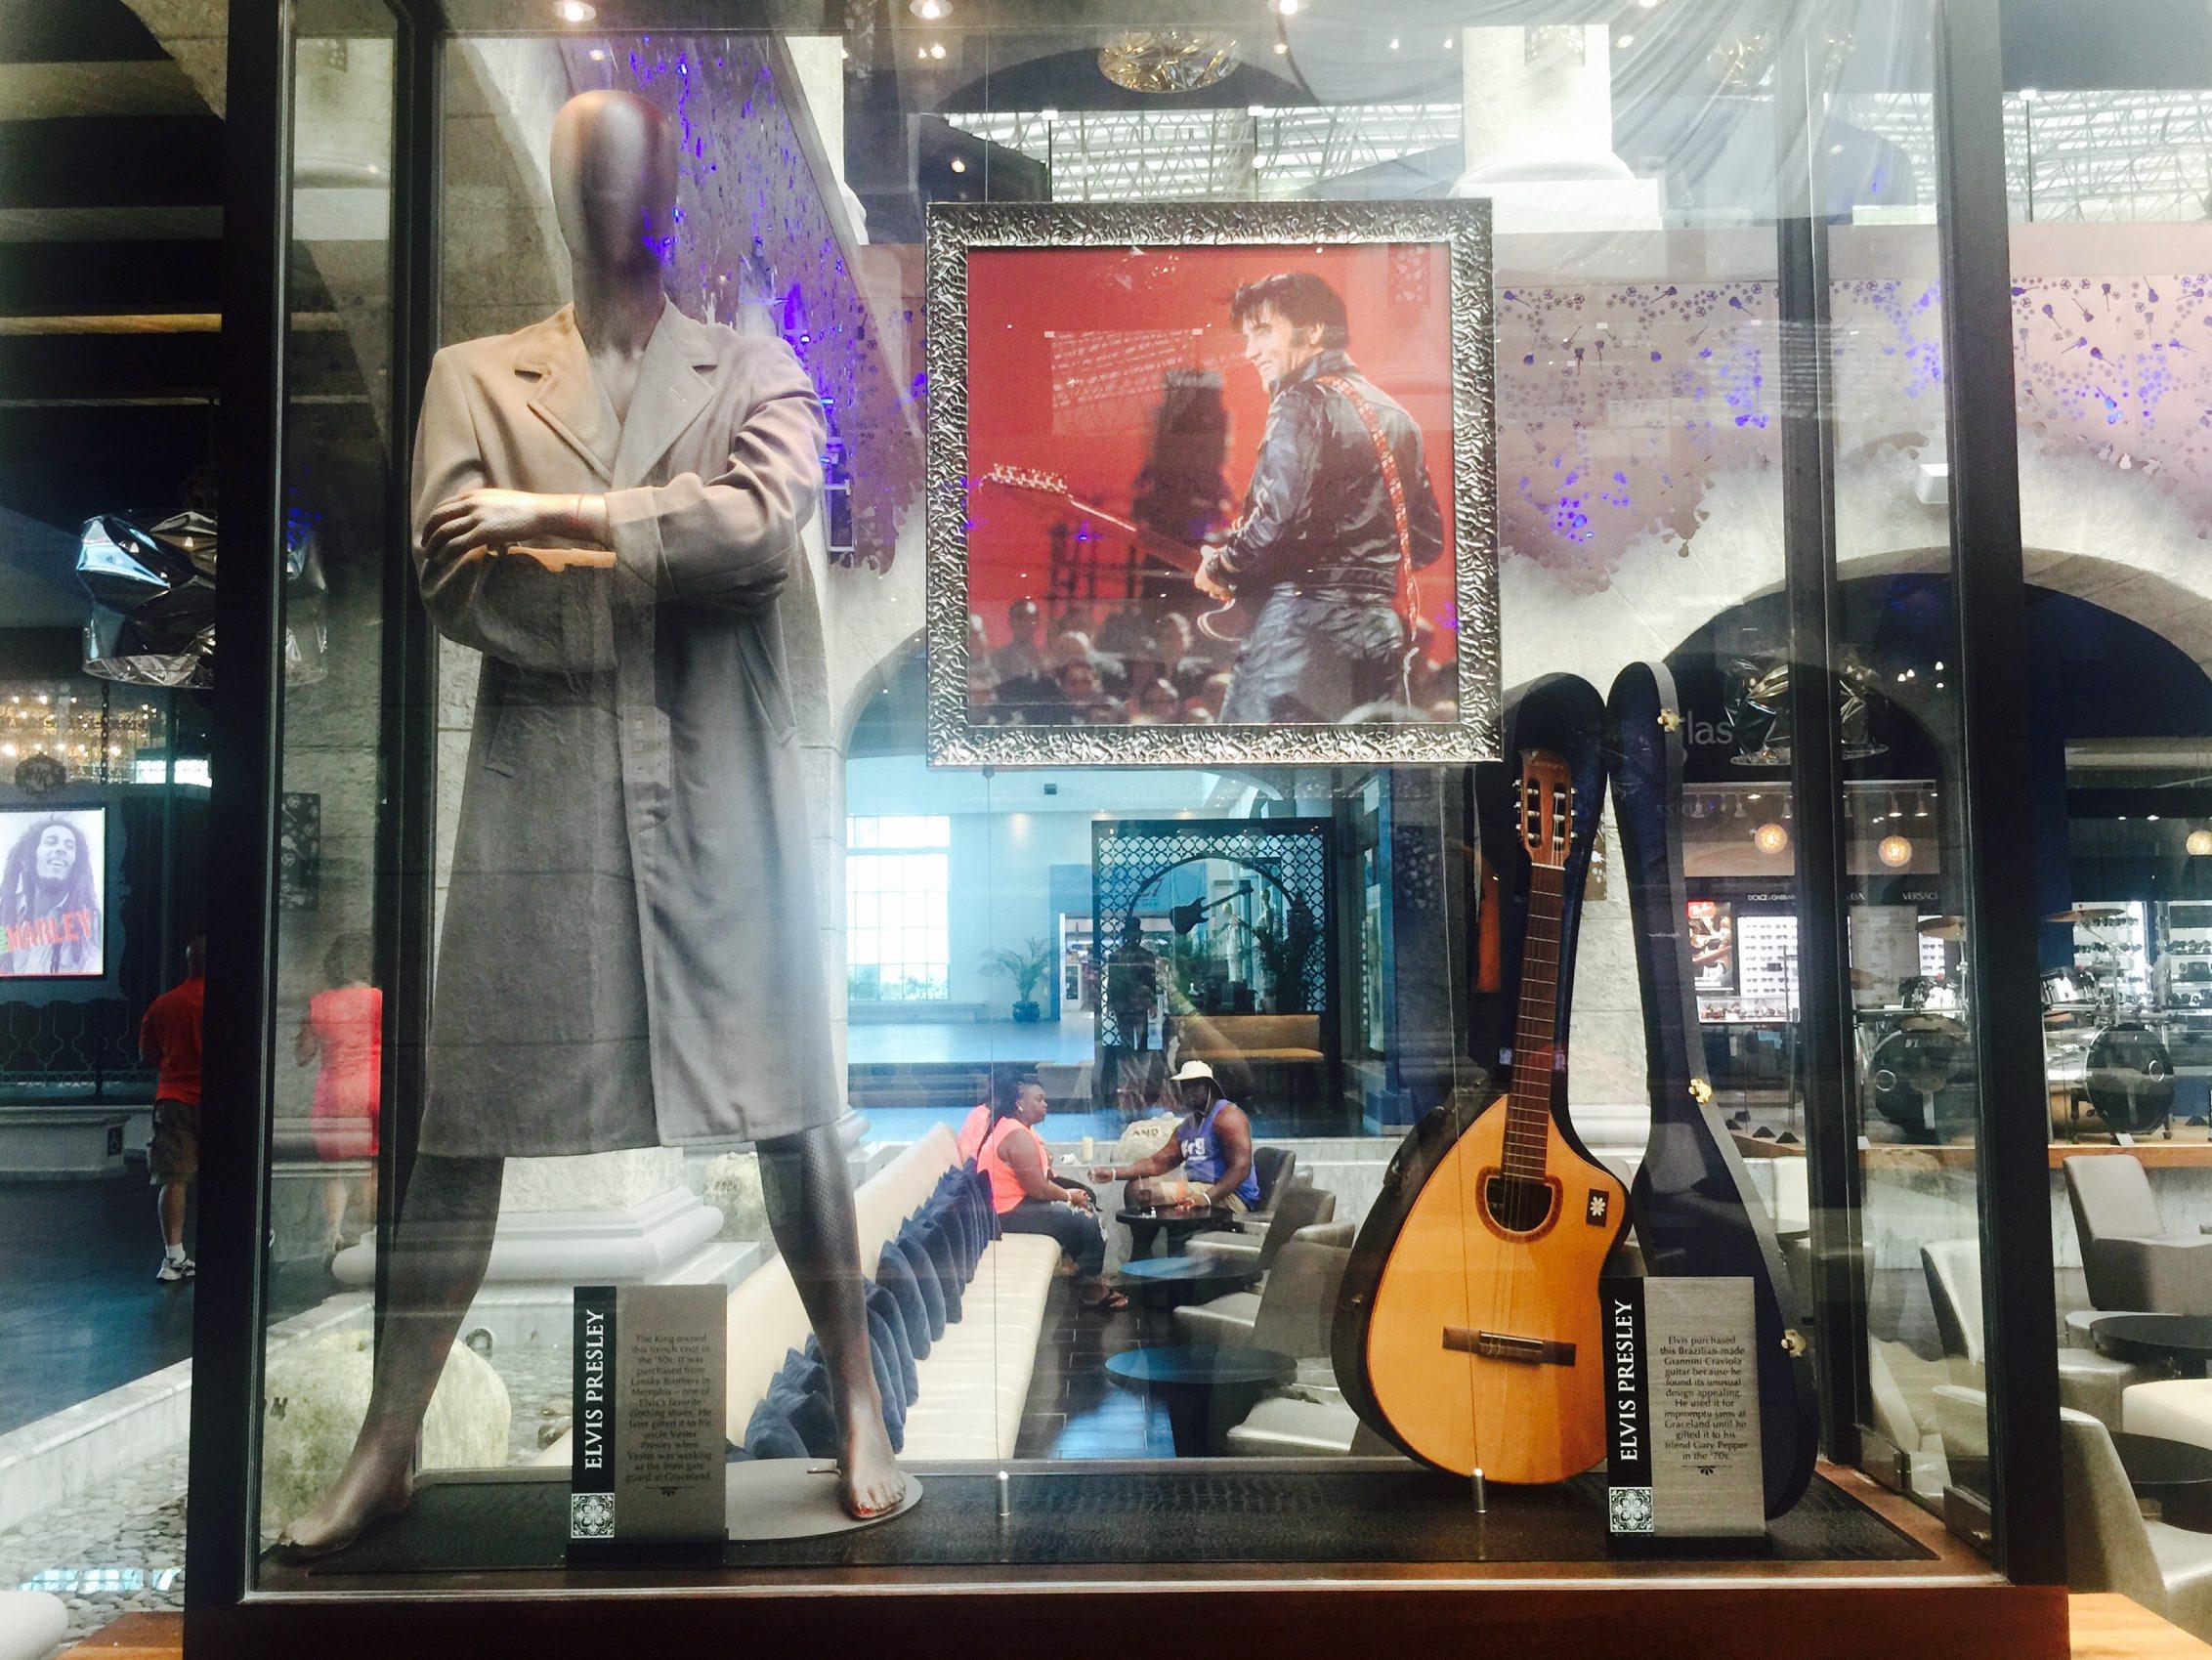 60627176. Playa del Carmen, QRoo., 27 Jun. 2016 (Notimex-Armando Pereda).- Más de 350 piezas y artículos que pertenecieron a Elvis Presley, Madonna, Prince, The Beatles, Elton John, Slash, Shakira, Fergie, Will.i.am y más celebridades, conforman la memorabilia del Hard Rock Hotel de la Riviera Maya. NOTIMEX/FOTO/ARMANDO PEREDA/COR/ACE/